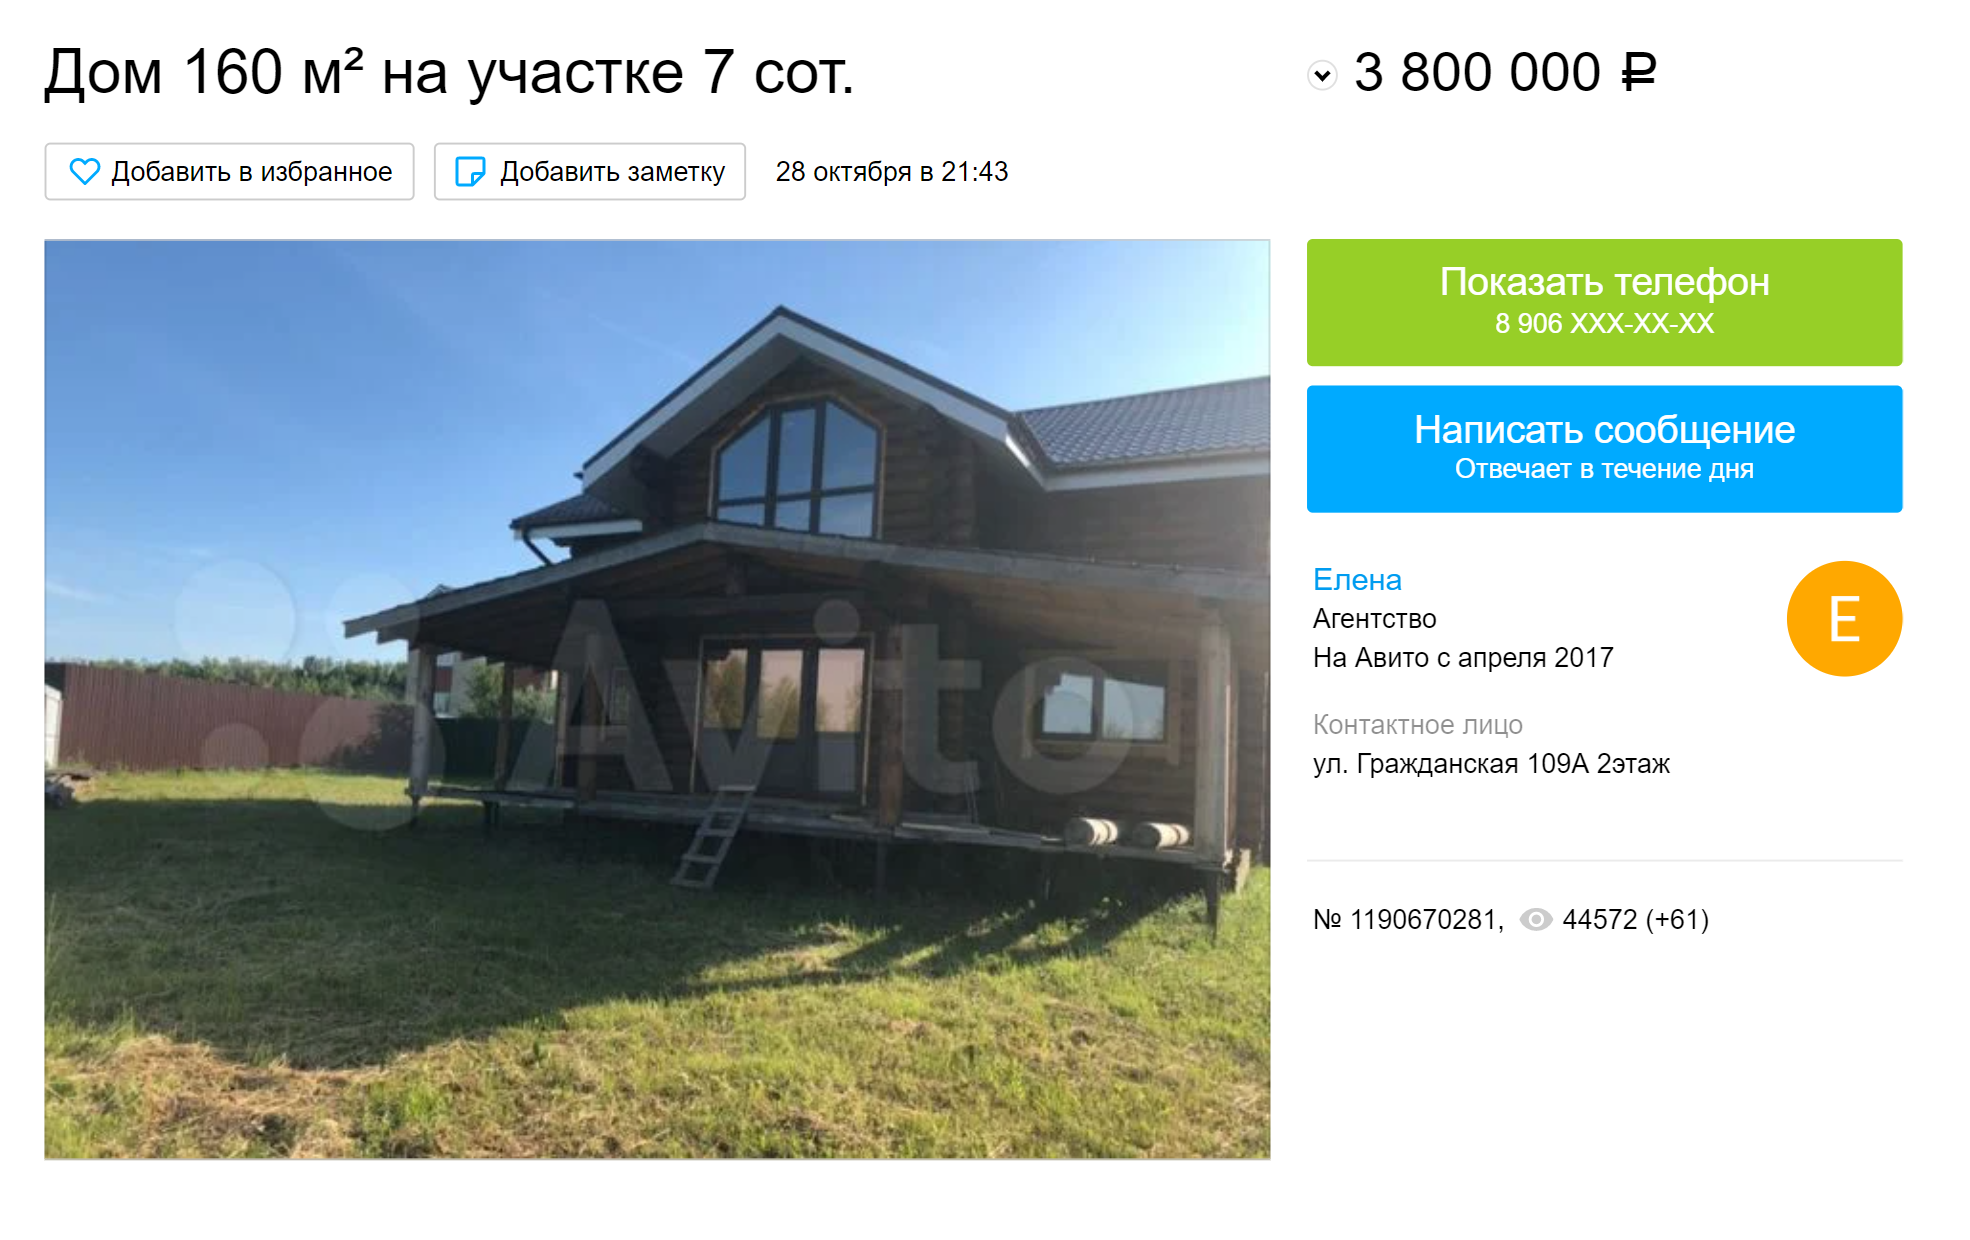 Двухэтажный дом из&nbsp;бруса в&nbsp;поселке Альгешево стоит 3&nbsp;800&nbsp;000&nbsp;<span class=ruble>Р</span>